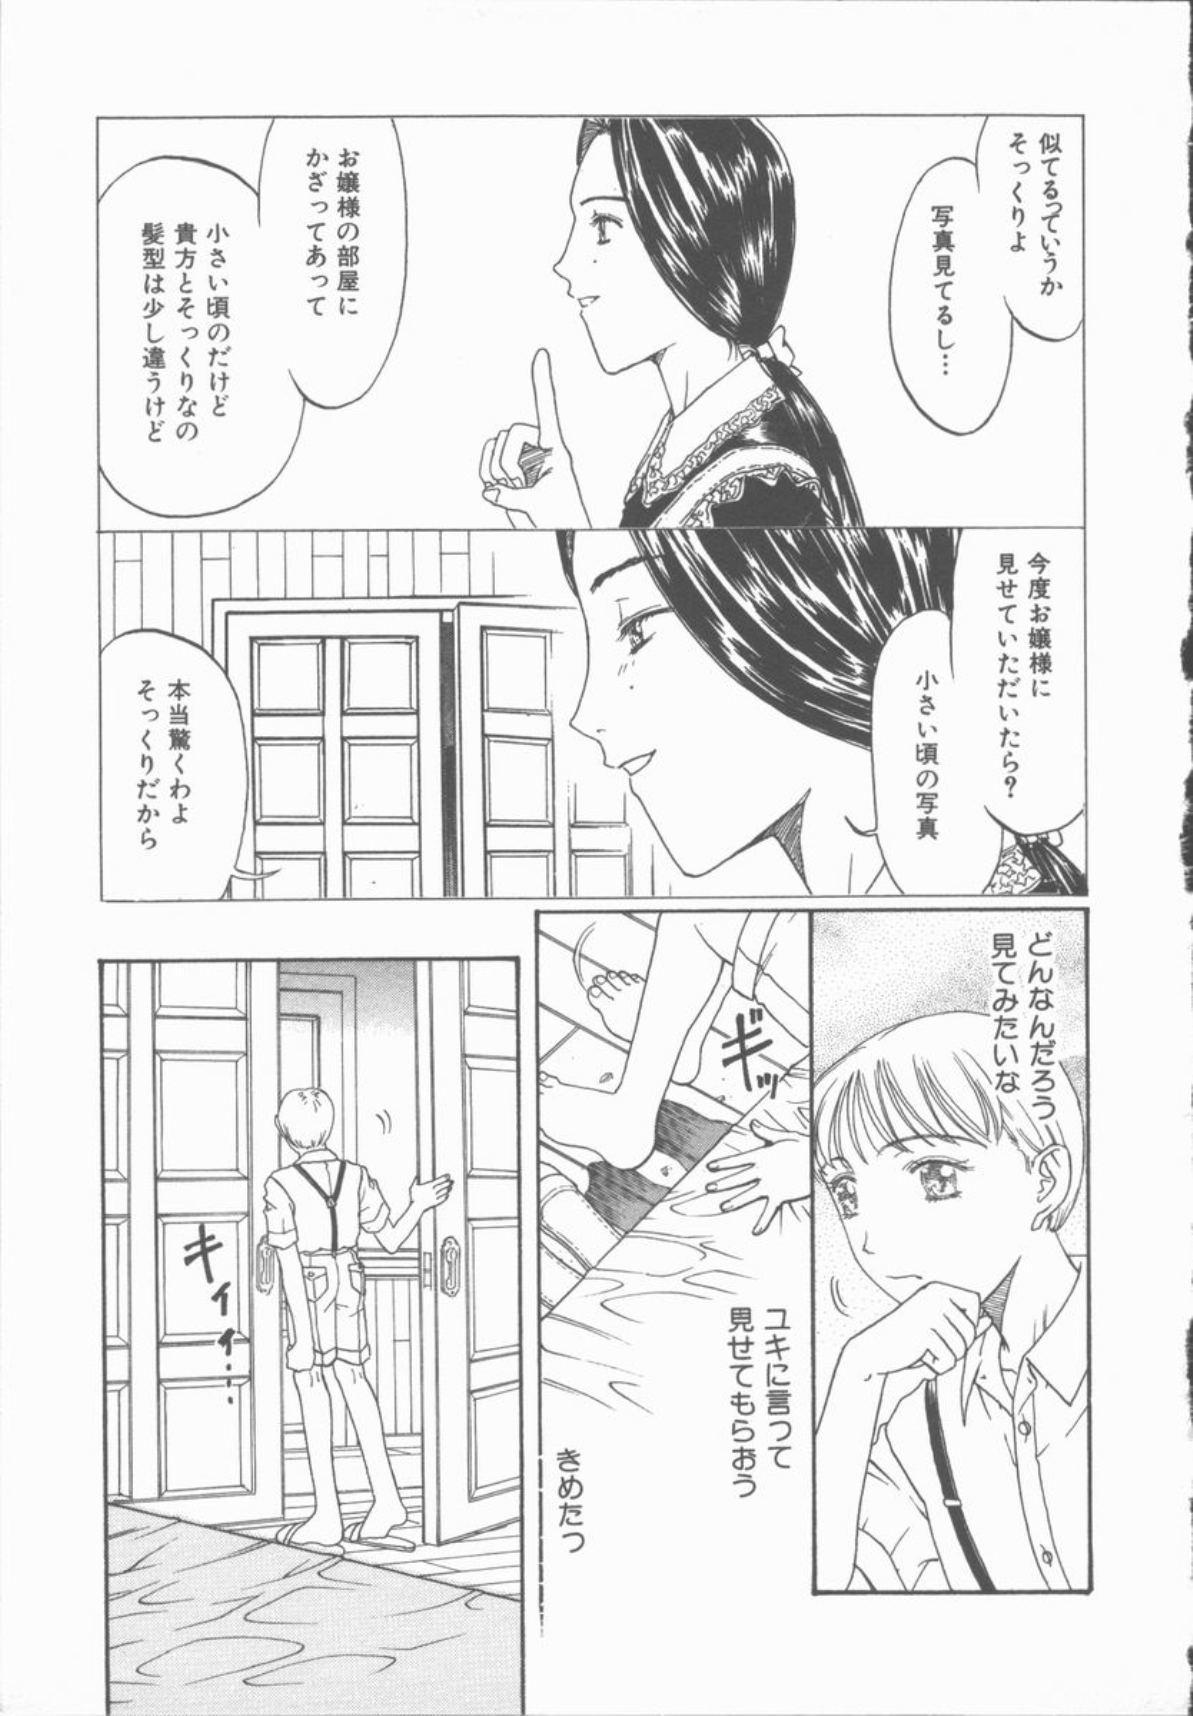 Inma no Sumu Yakata 137